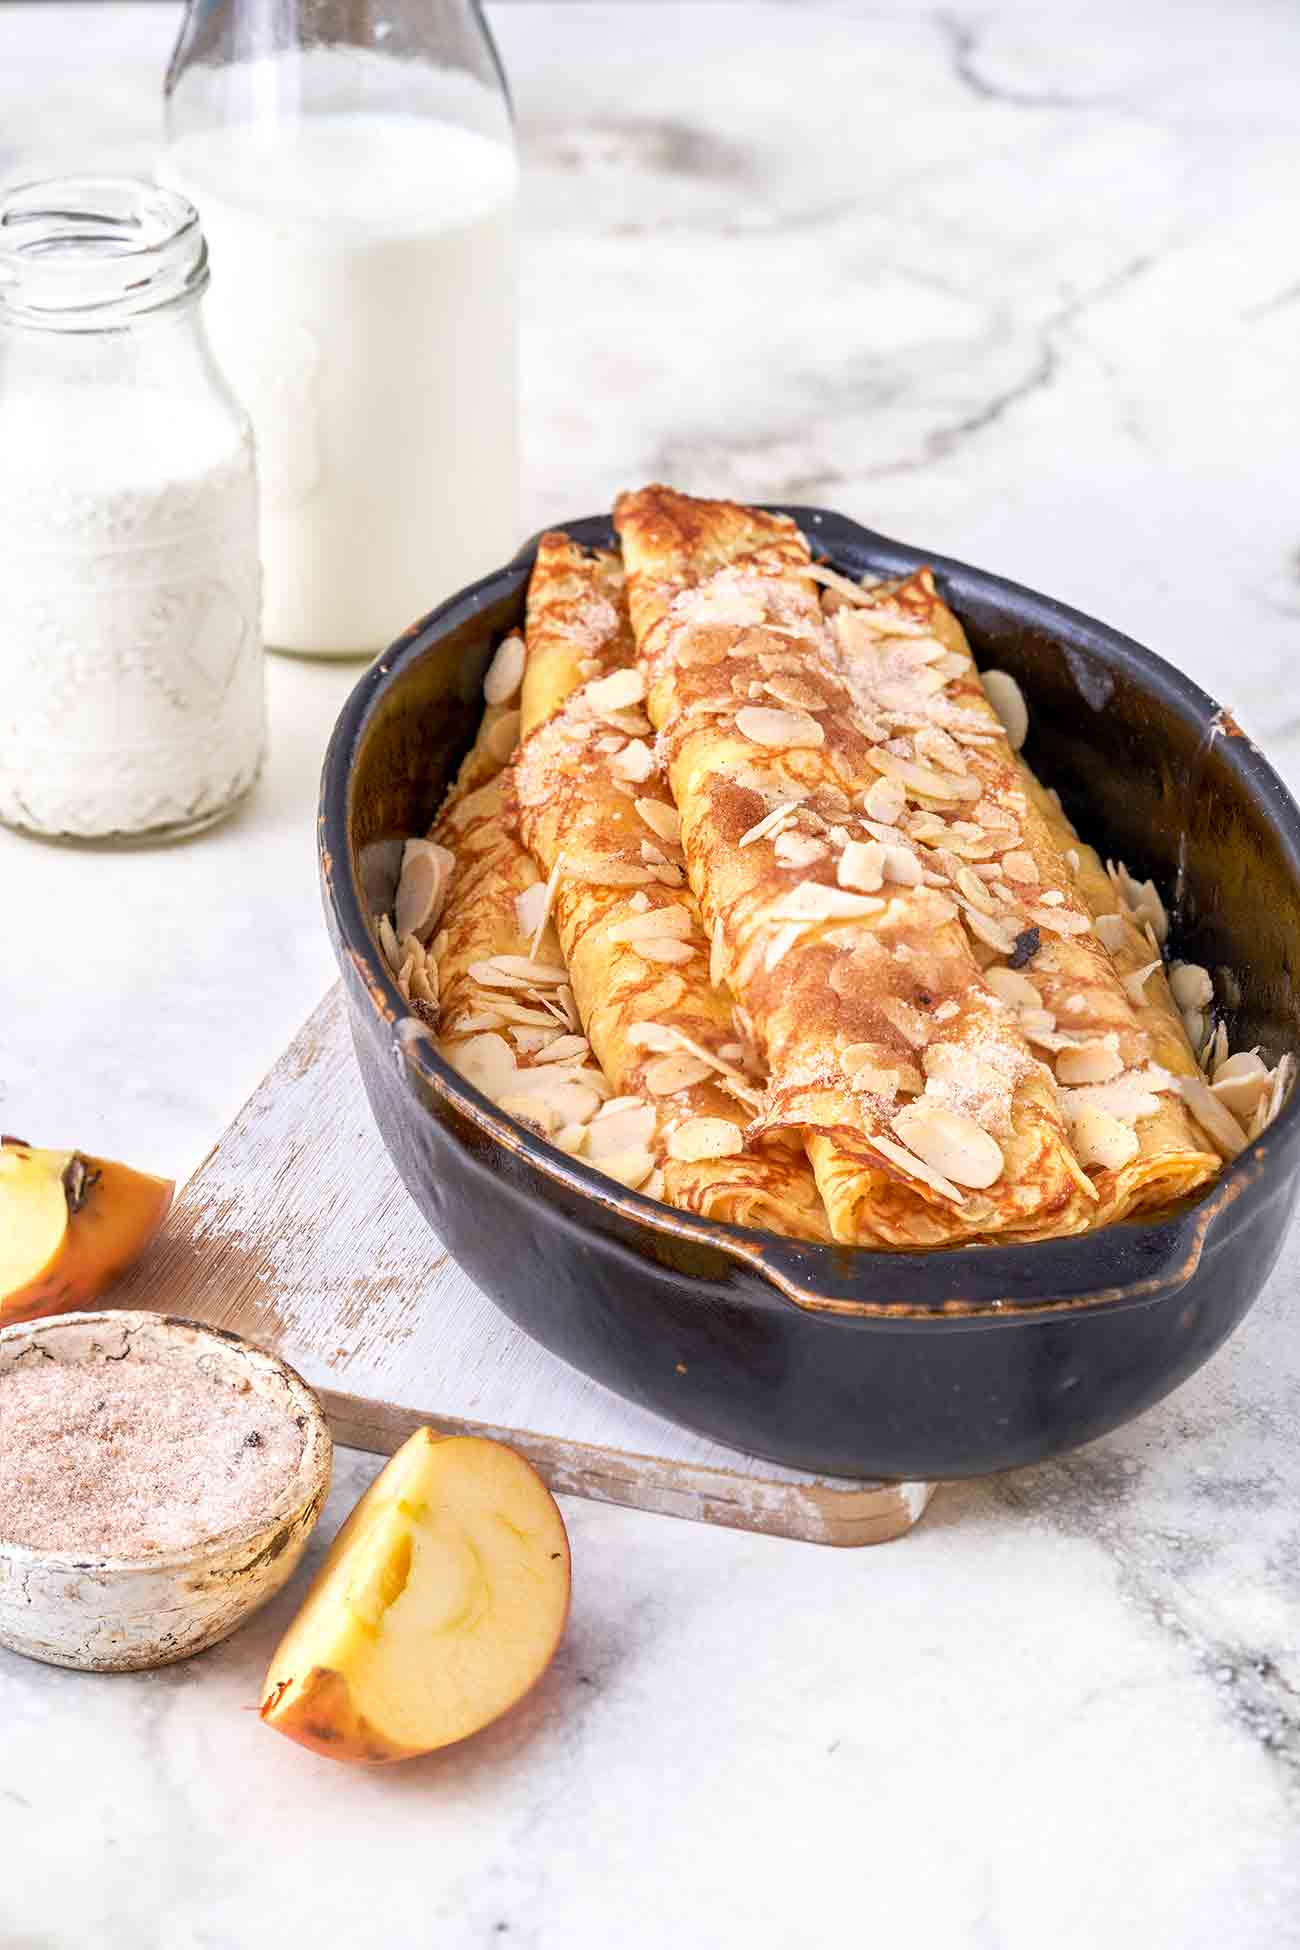 Lust auf ein warmes Dessert? Wie klingen gefüllte Pfannkuchen mit Schmand und Apfelmus und knusprigen Mandelblättchen? Für mich auf jeden Fall sehr verführerisch. Probiert es mal aus.